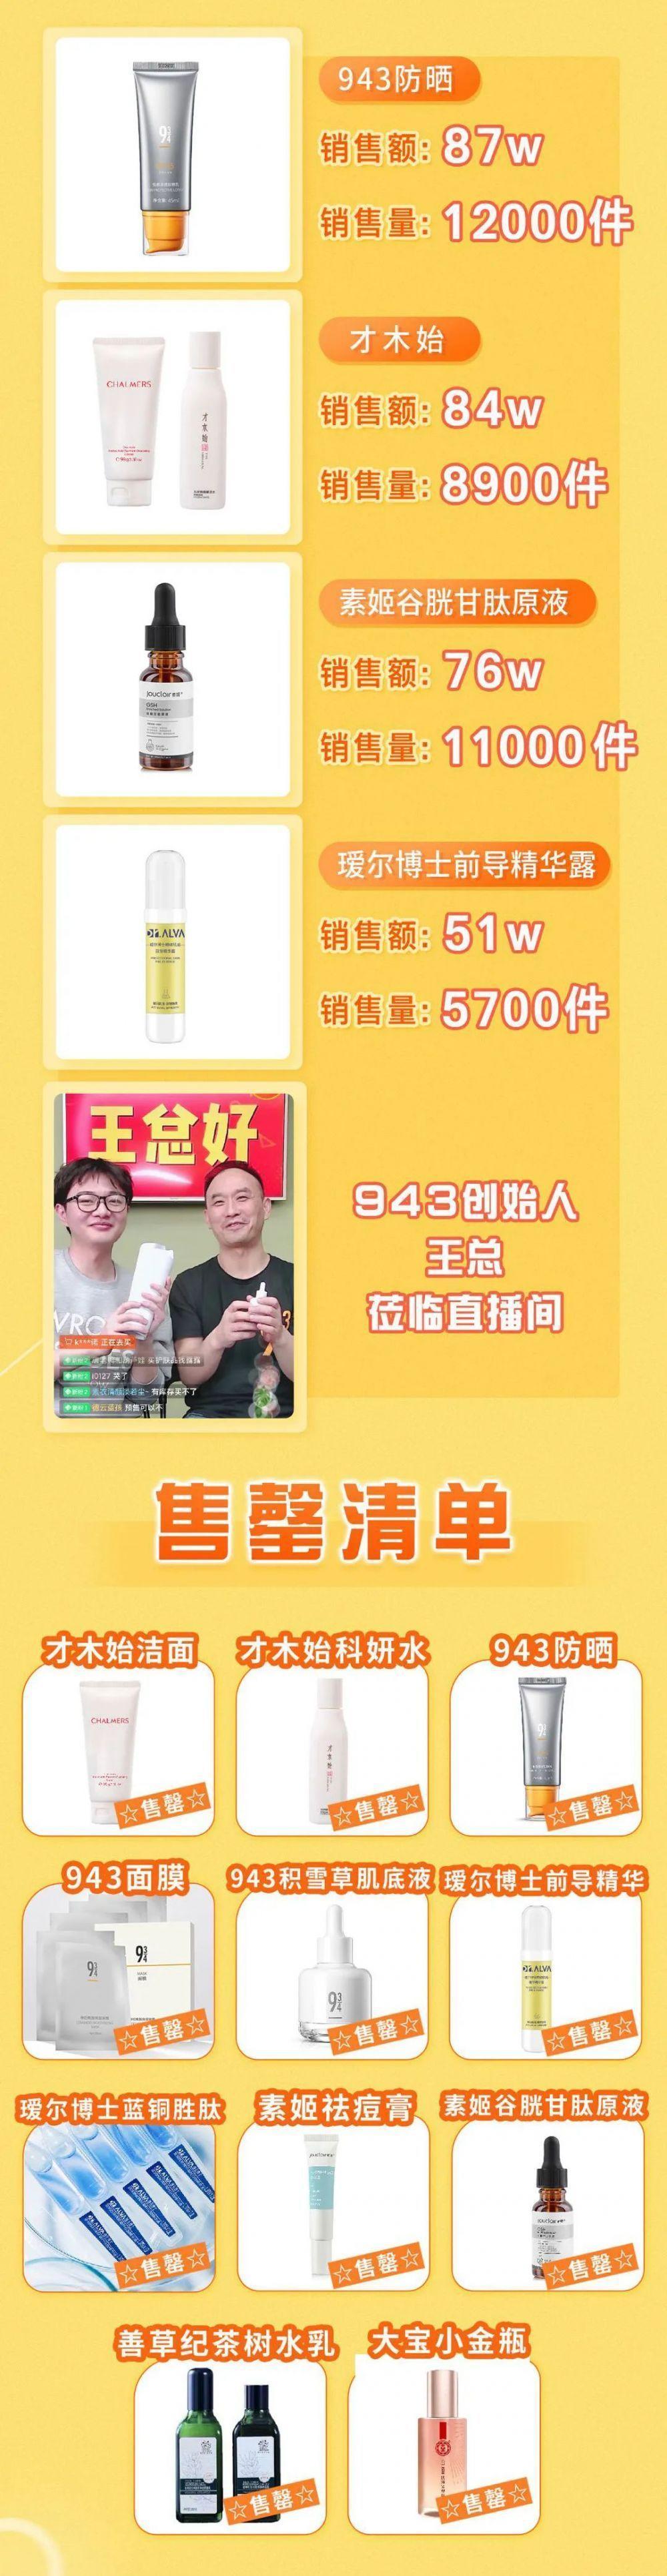 首场直播销售额660万!全网250万粉丝的美妆博主如何做到的?-第6张图片-周小辉<a href='http://www.zhouxiaohui.cn/duanshipin/'>短视频</a>培训博客